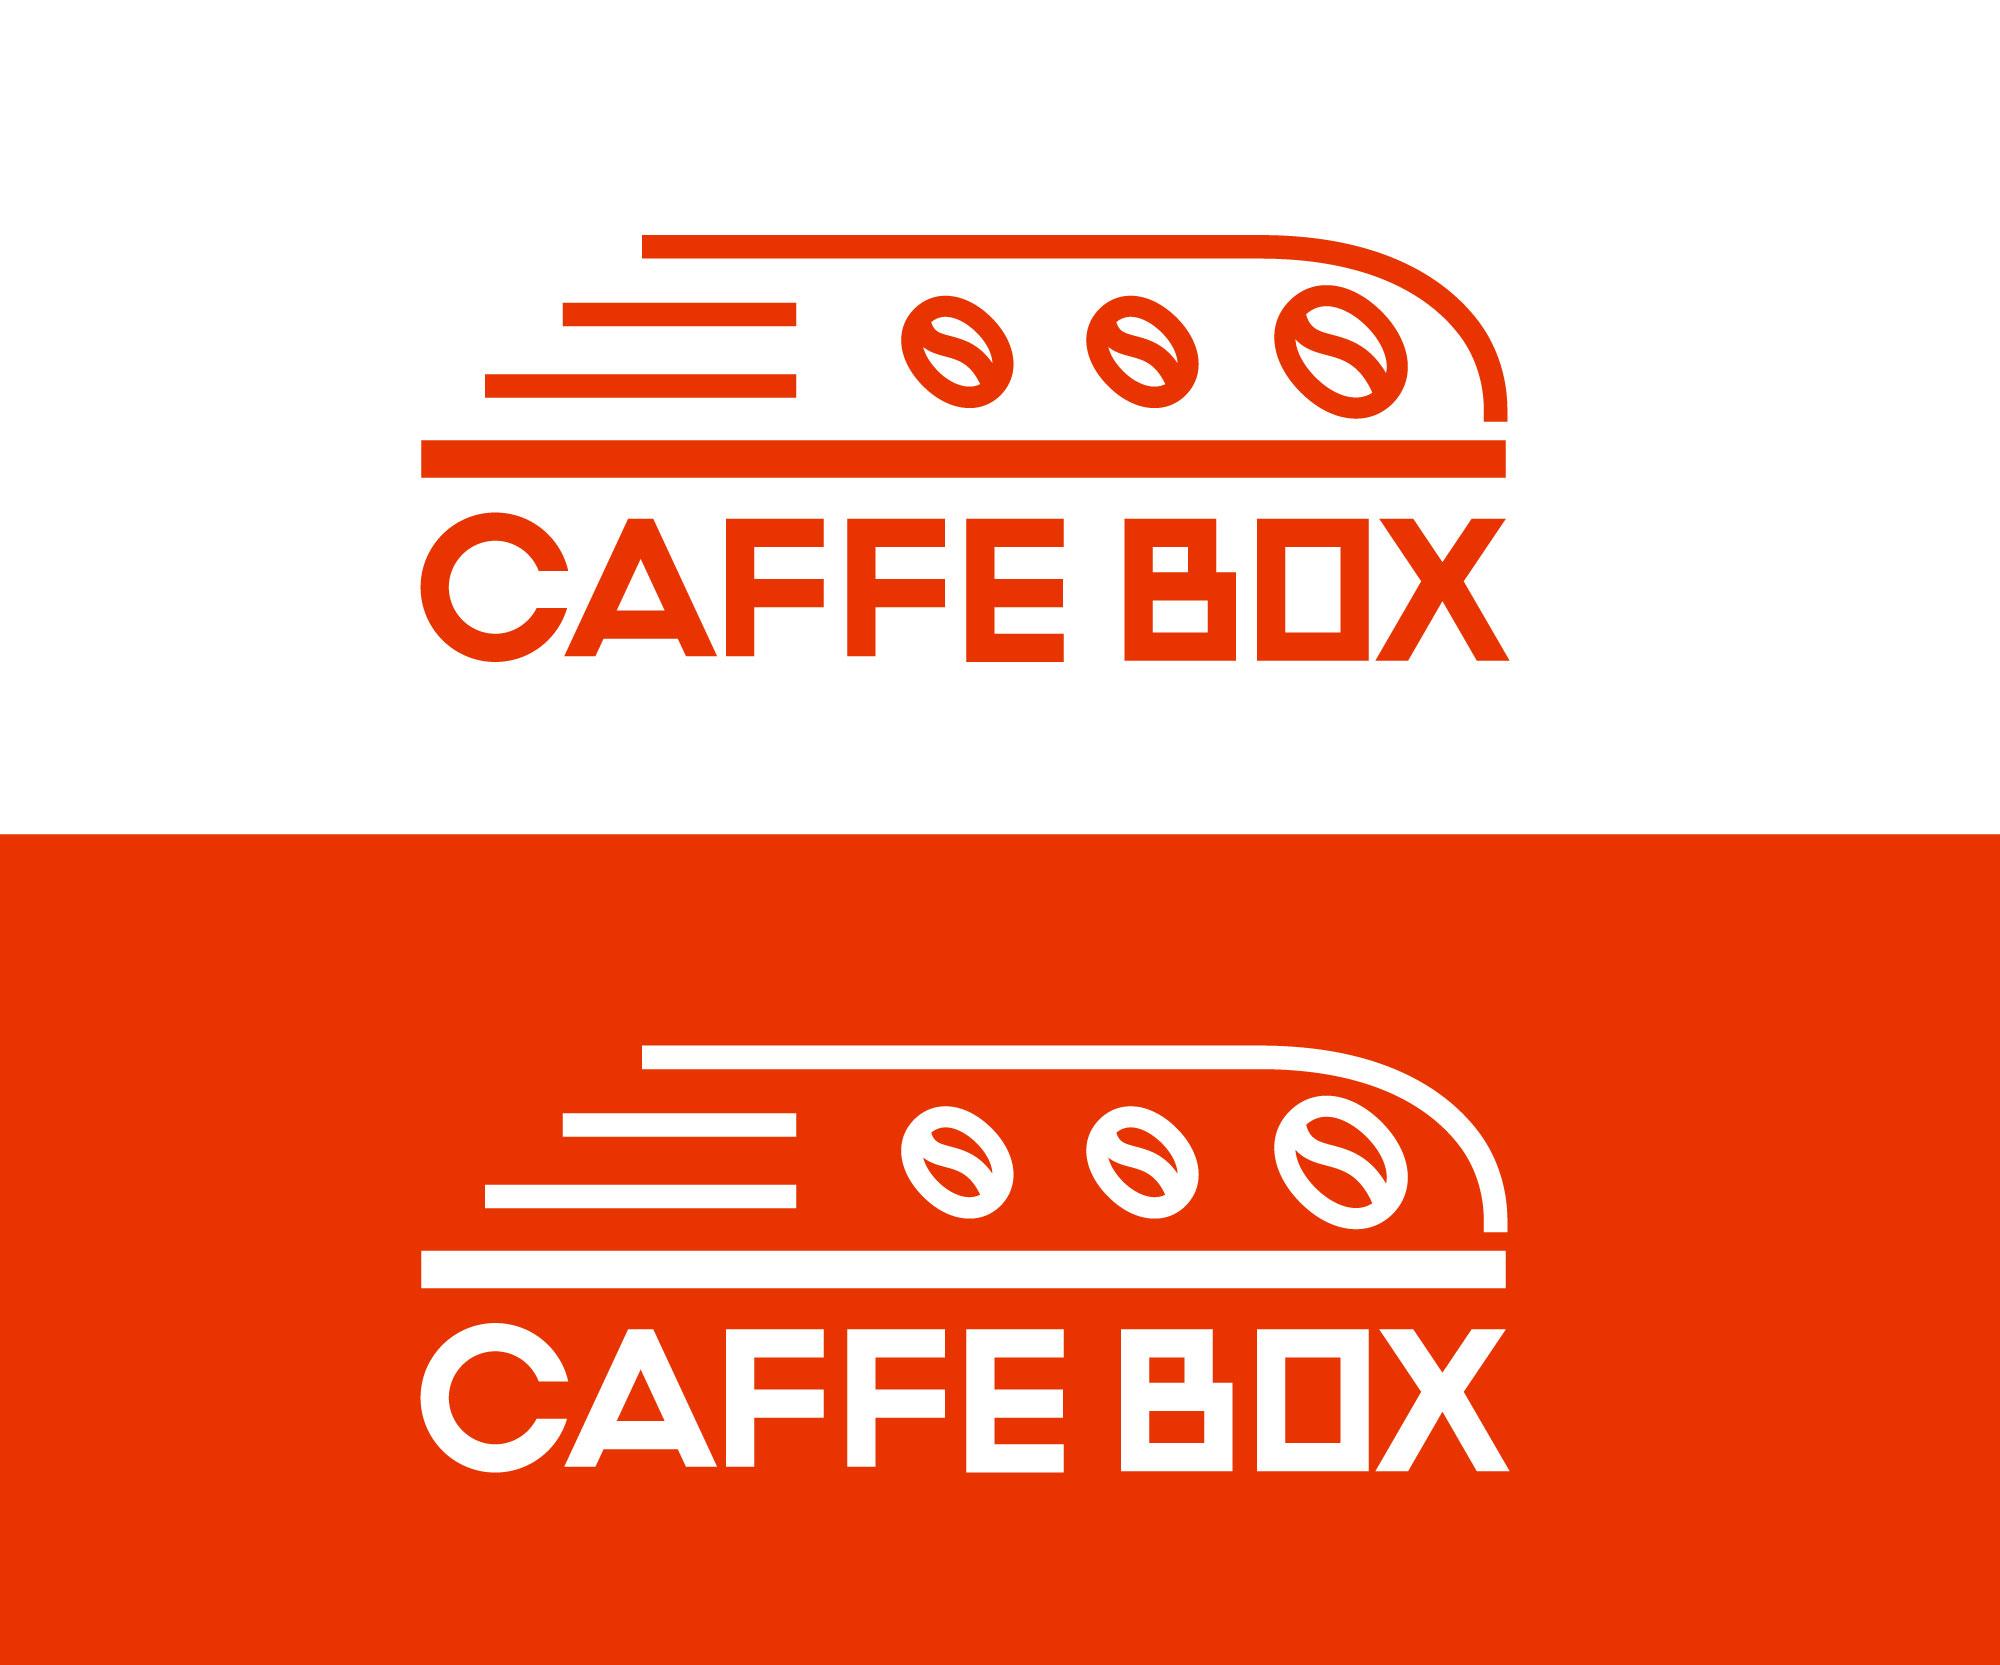 Требуется очень срочно разработать логотип кофейни! фото f_8475a0e0365a7eec.jpg